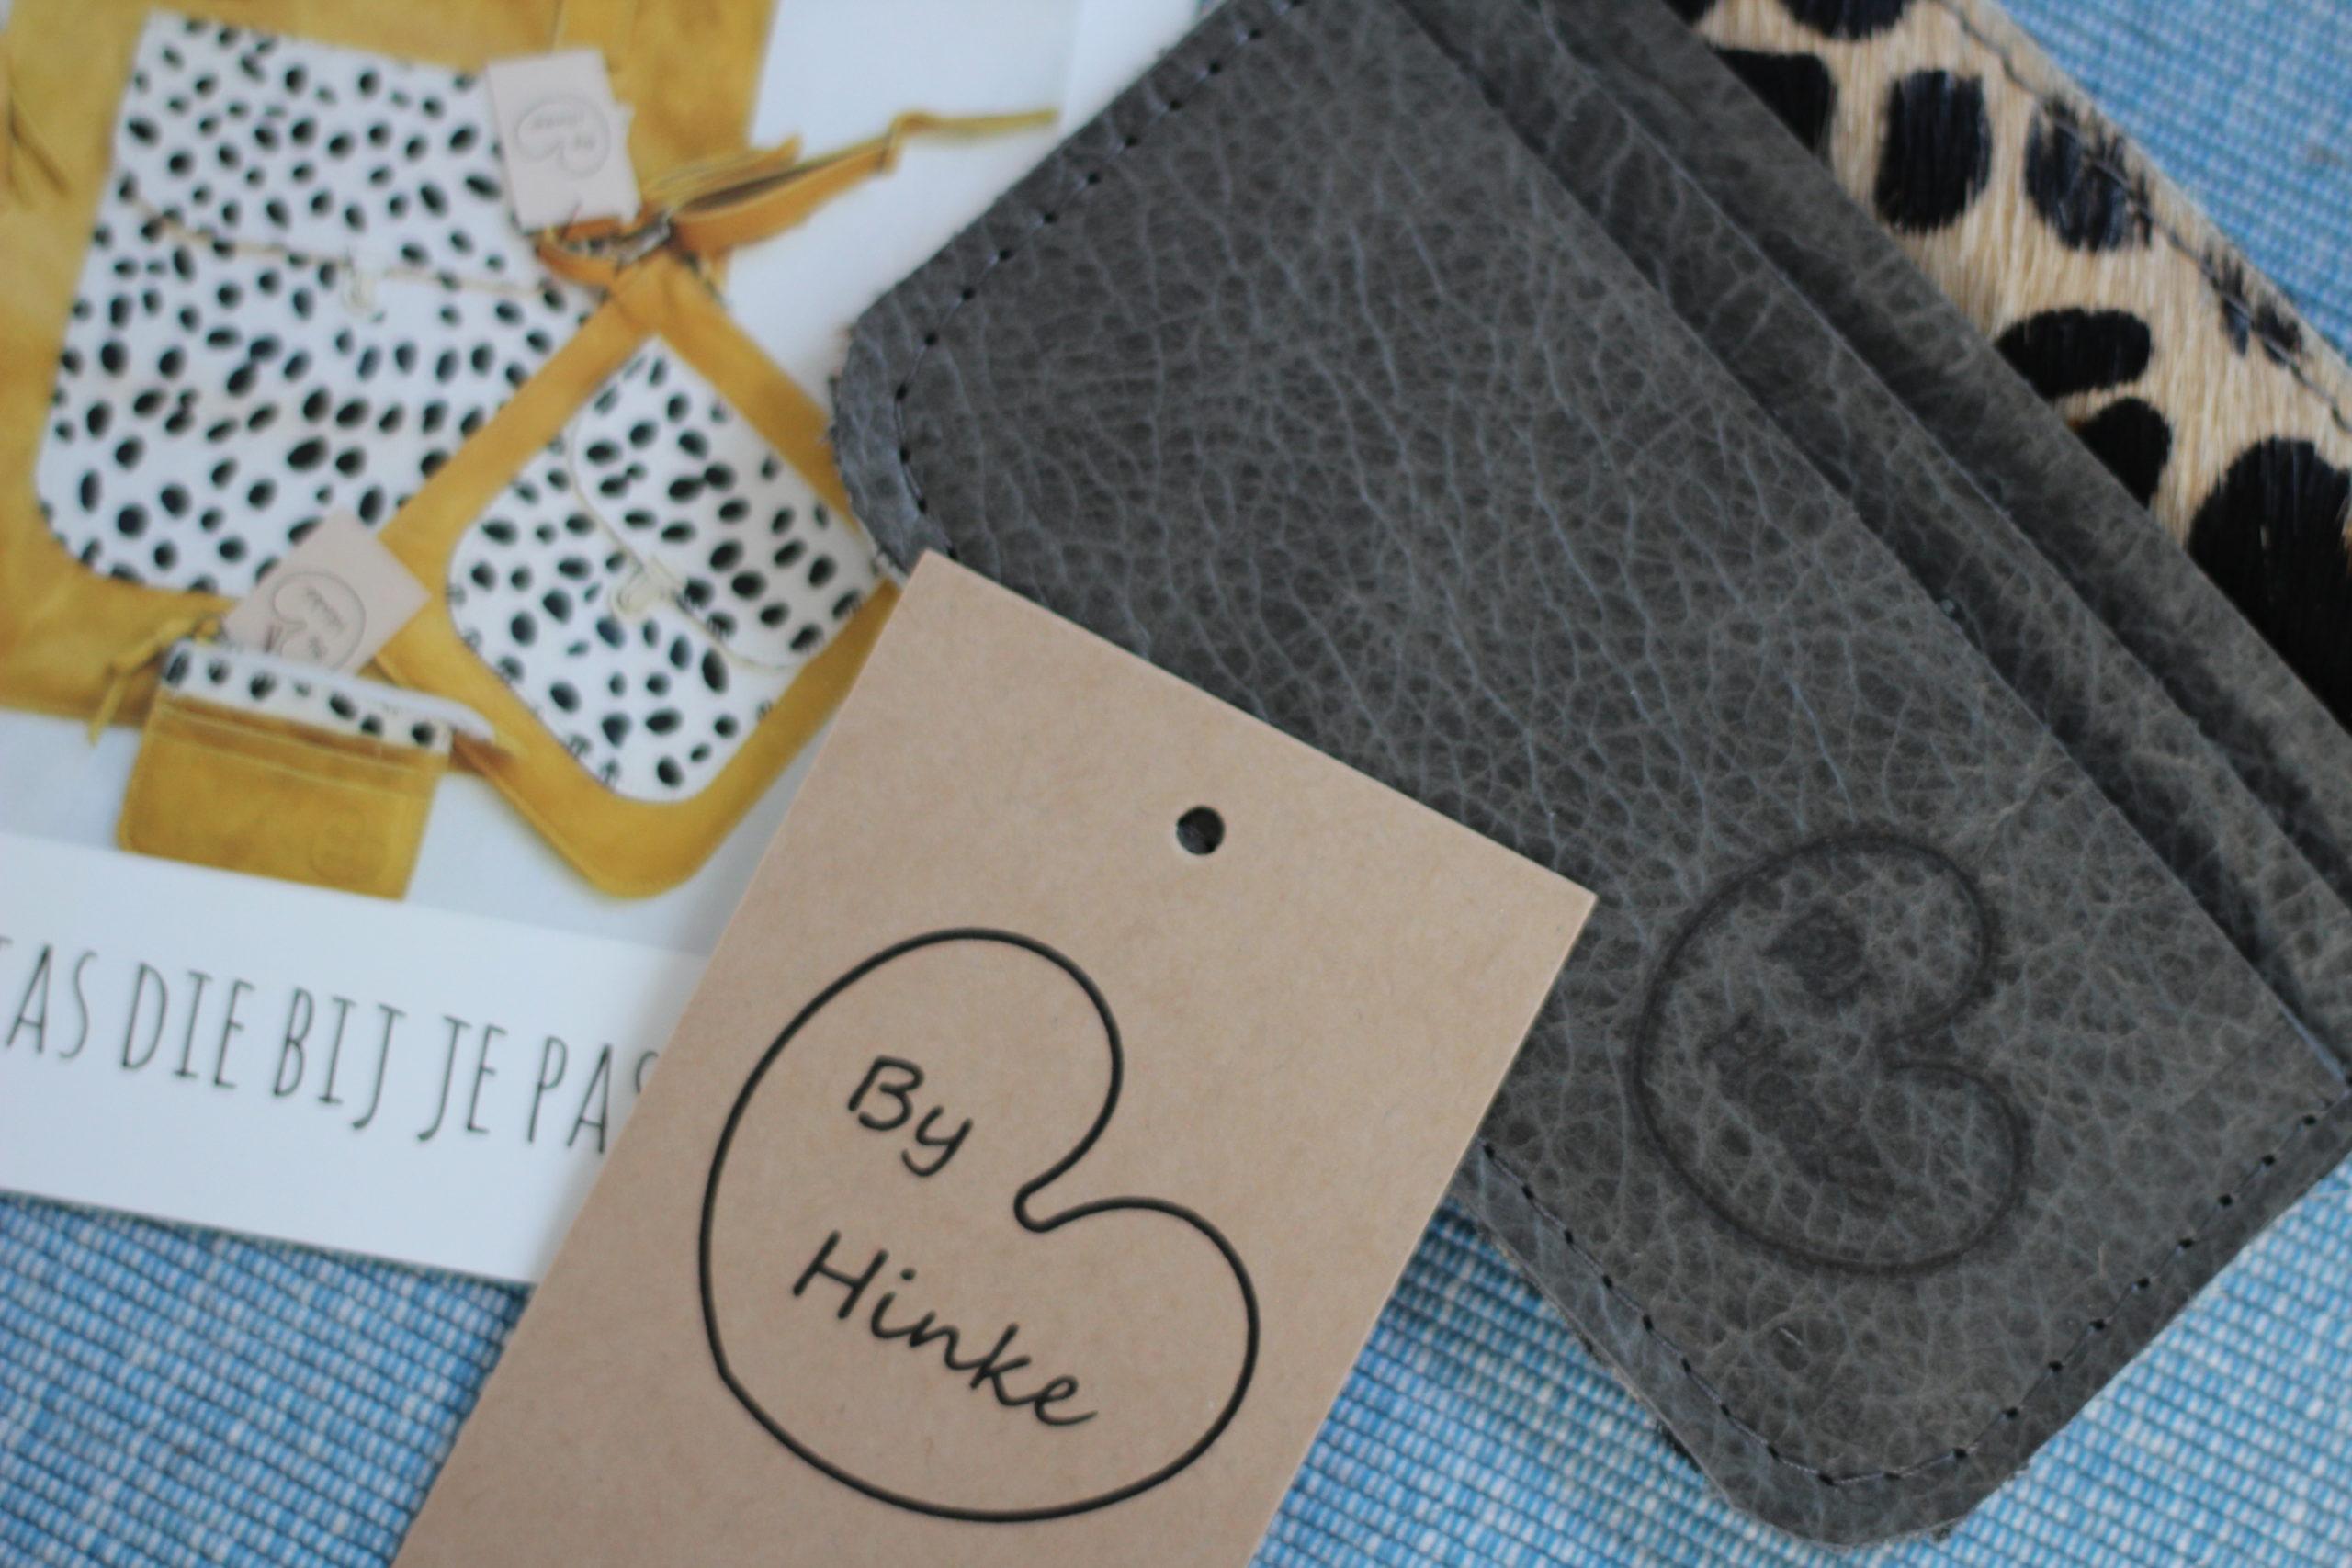 WEBSHOP | ByHinke – een tas die bij je past